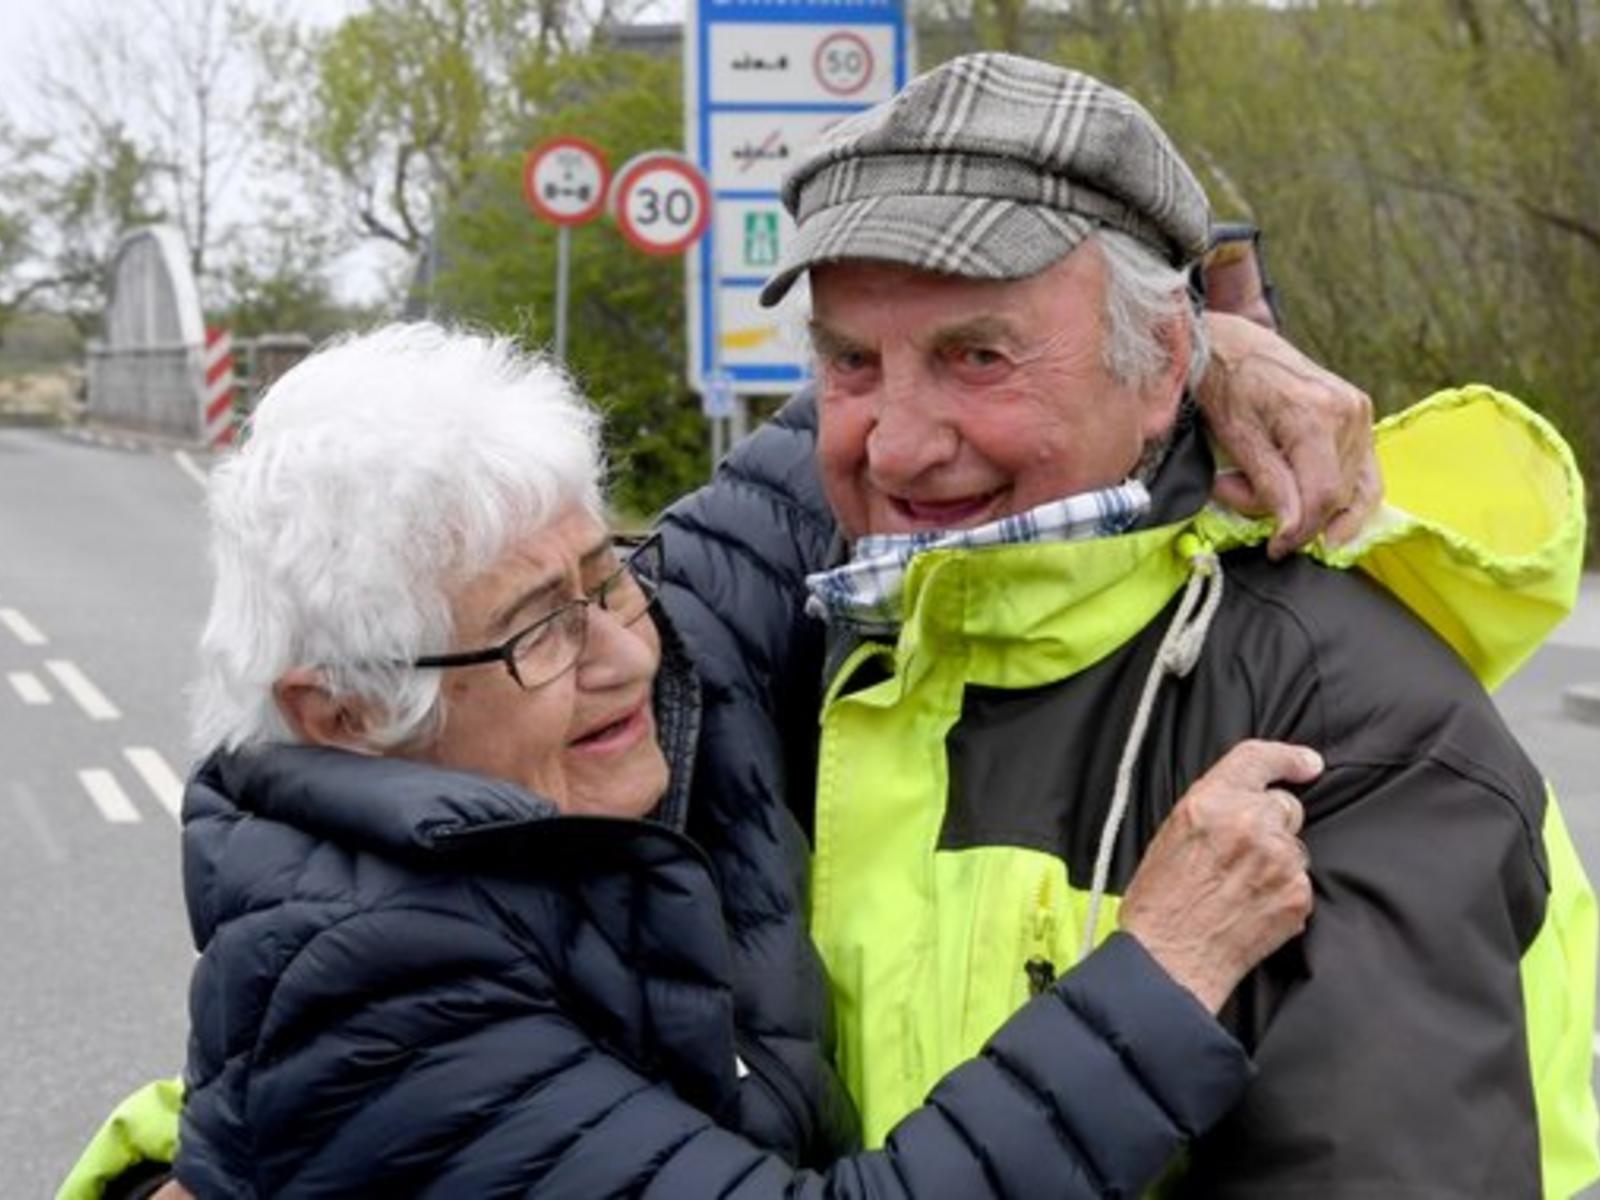 Wiedersehen-an-der-deutsch-daenischen-Grenze-Senioren-Paar-wieder-vereint_reference_4_3